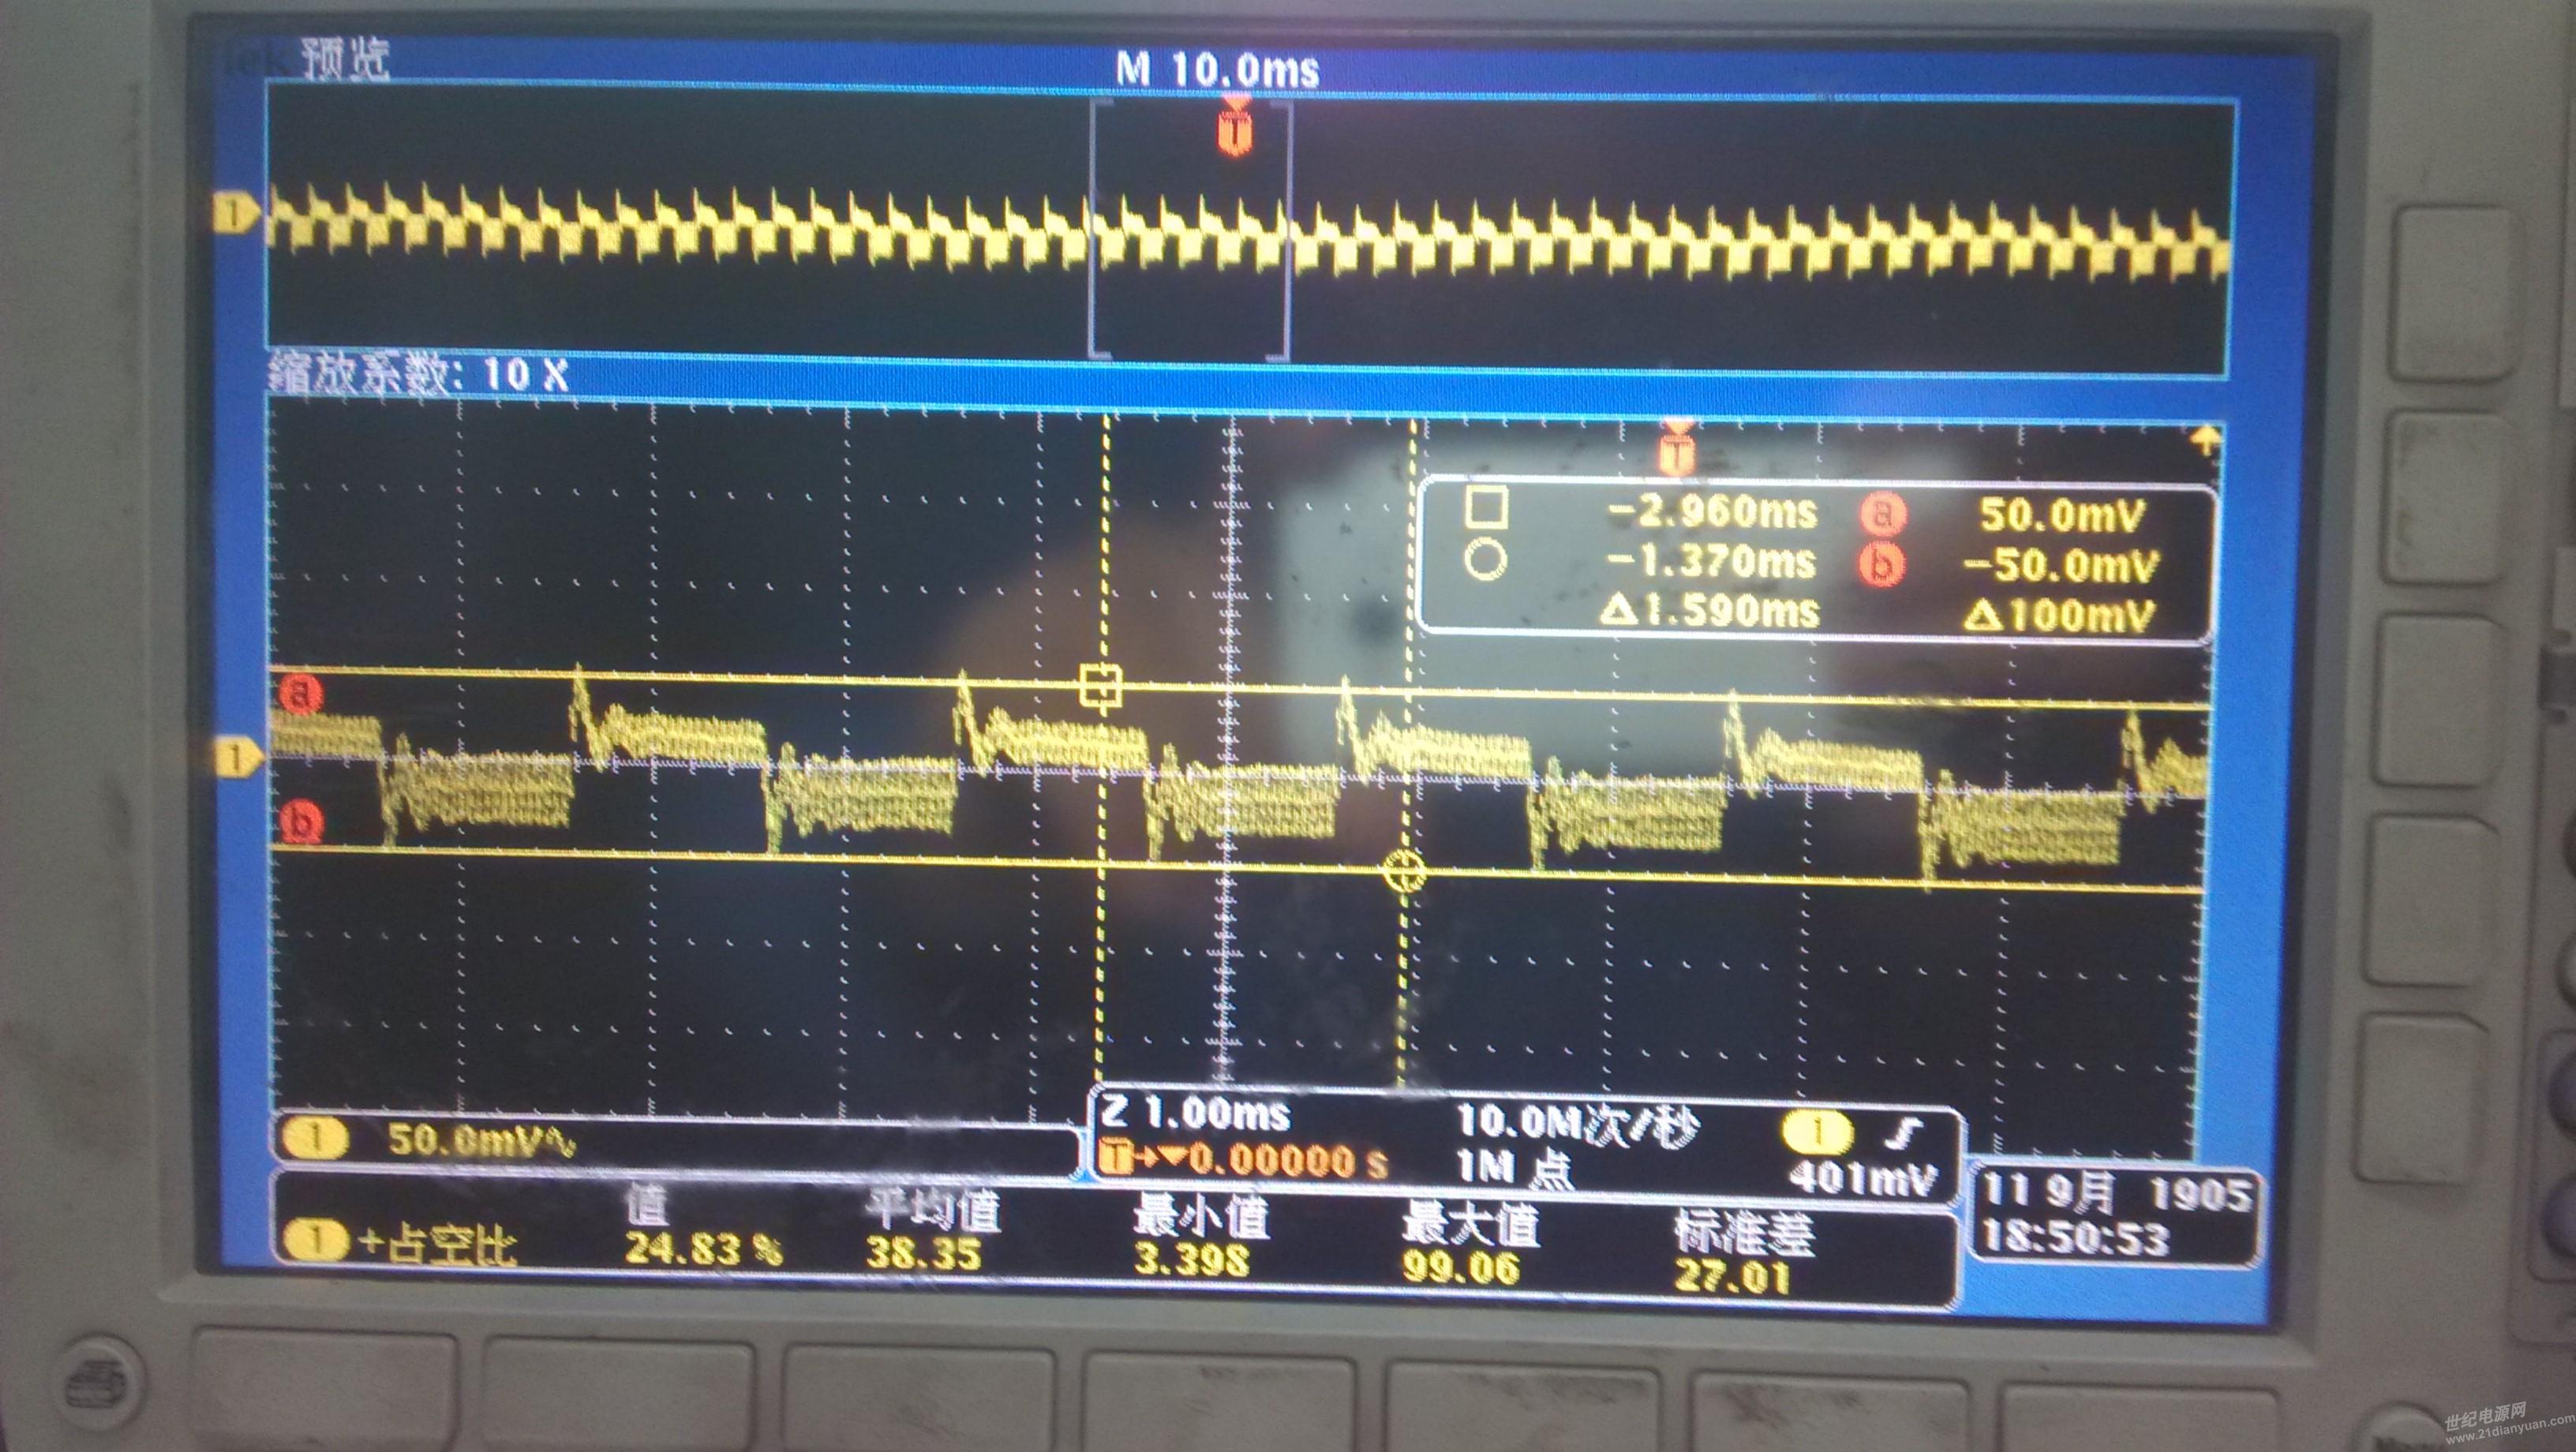 电路是典型的反激电路,uc2845芯片,tl431和pc817负责反馈稳压,但是